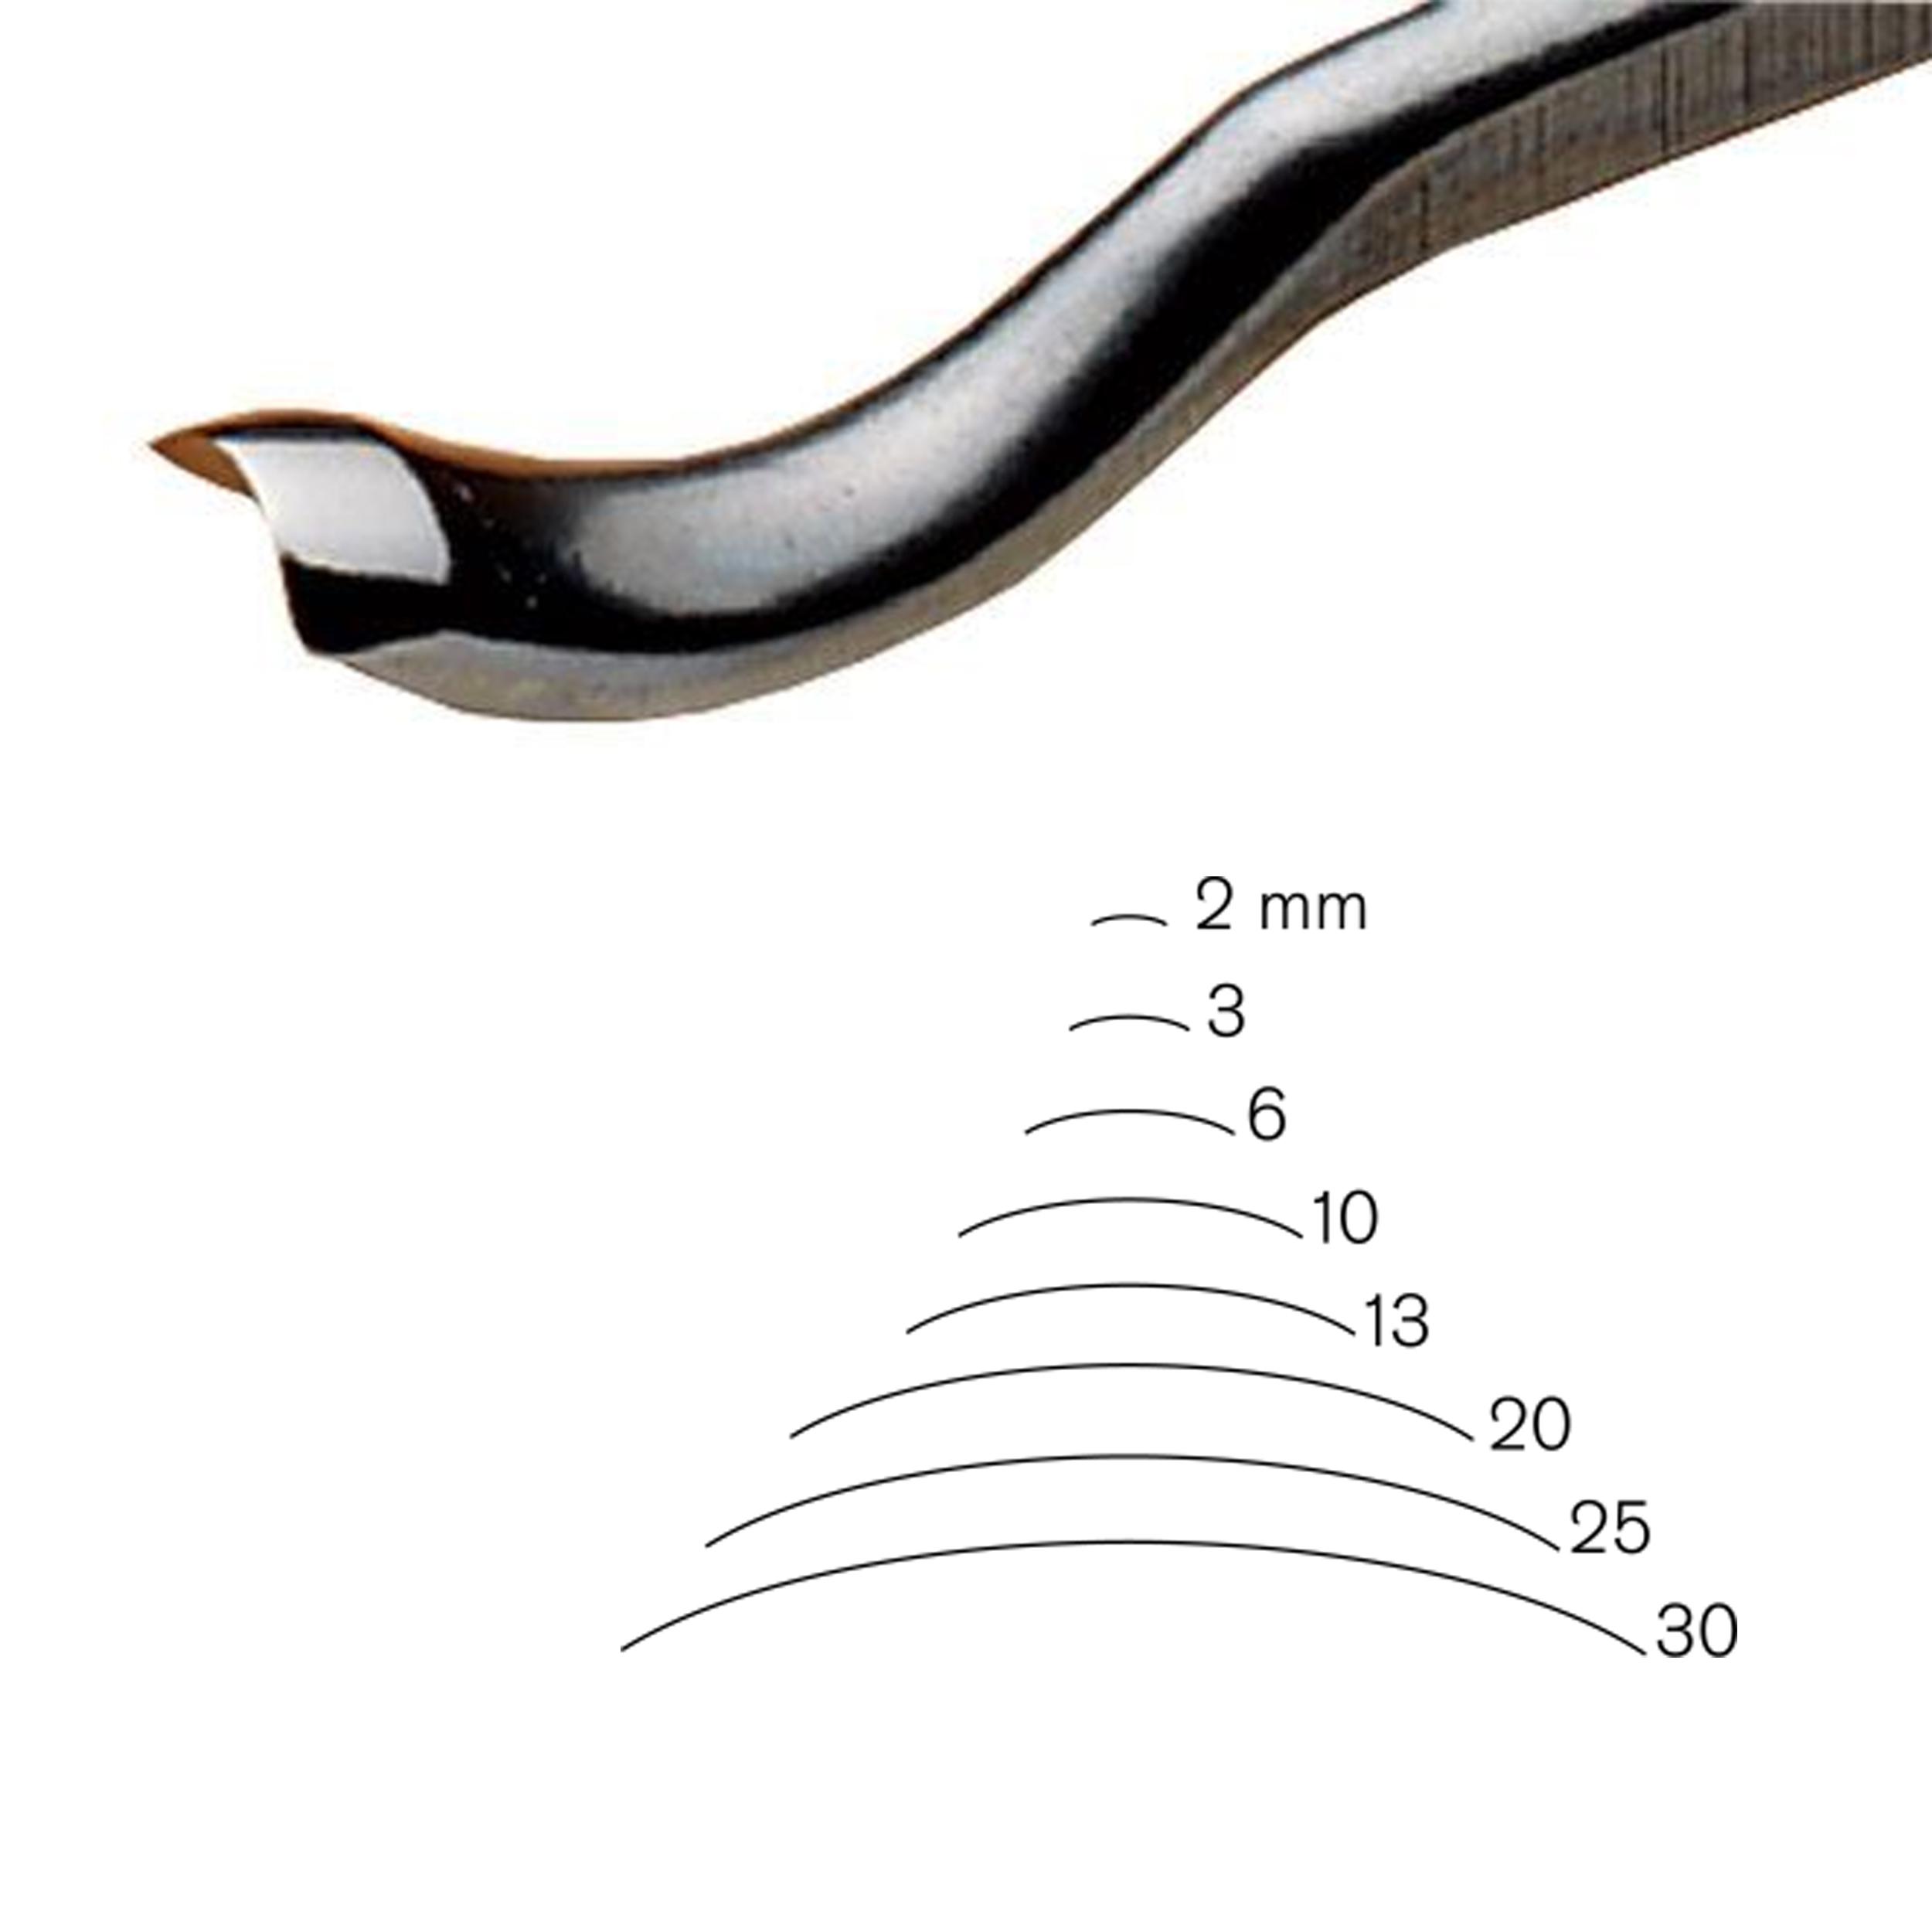 #25 Sweep Back Bent Gouge 2 mm, Full Size